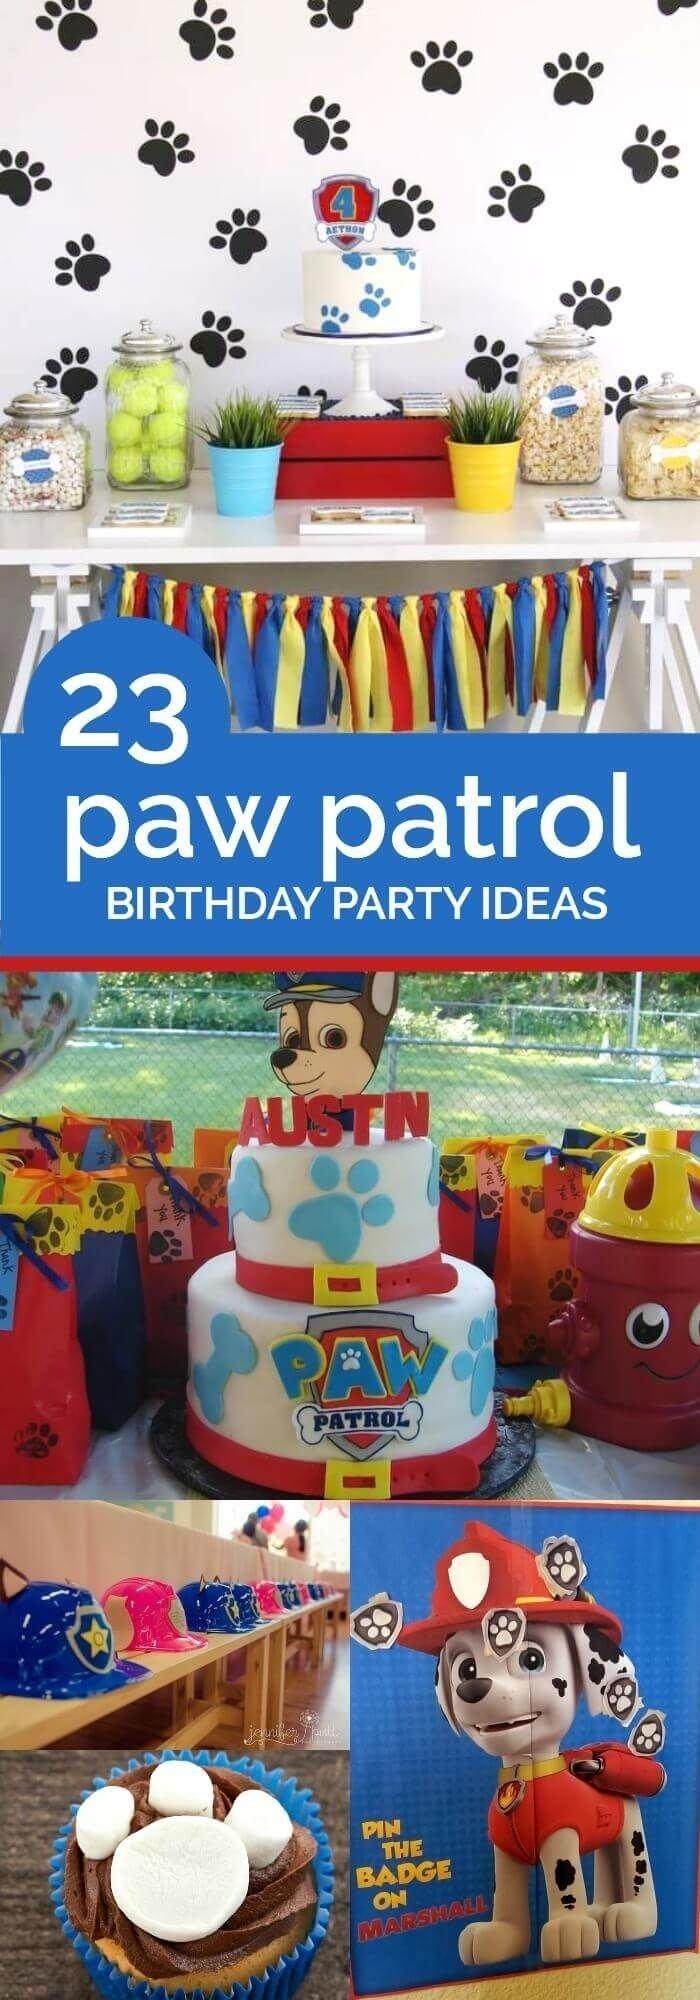 10 Stunning Kids Birthday Party Ideas Pinterest 159 best paw patrol party ideas images on pinterest party 2020